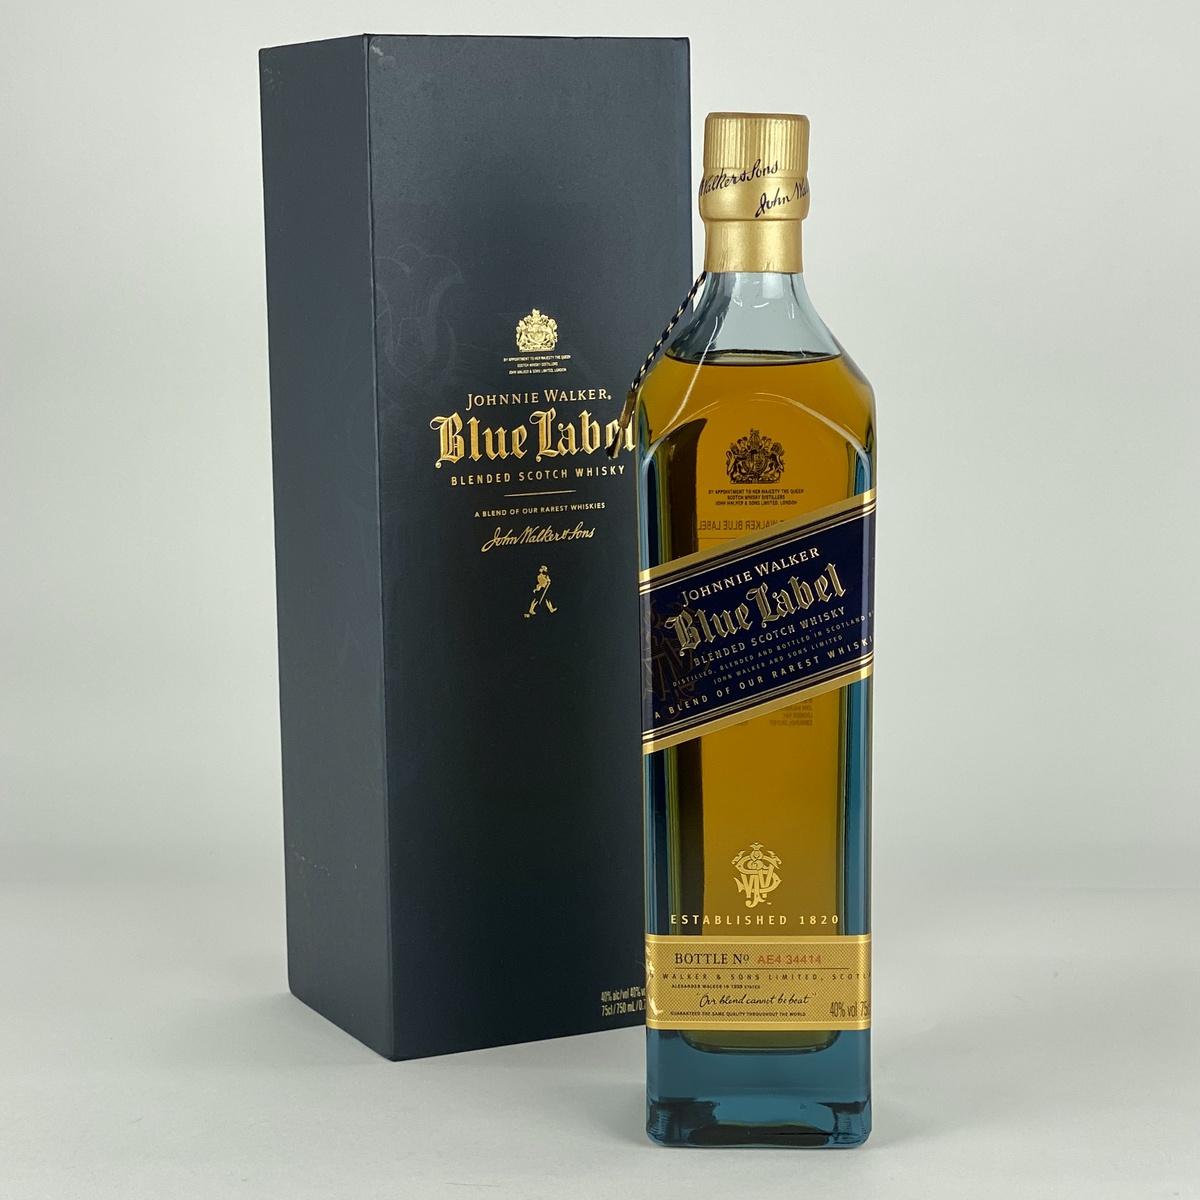 ジョニーウォーカー JOHNNIE WALKER ブルーラベル 750ml スコッチウイスキー ブレンデッド 【古酒】